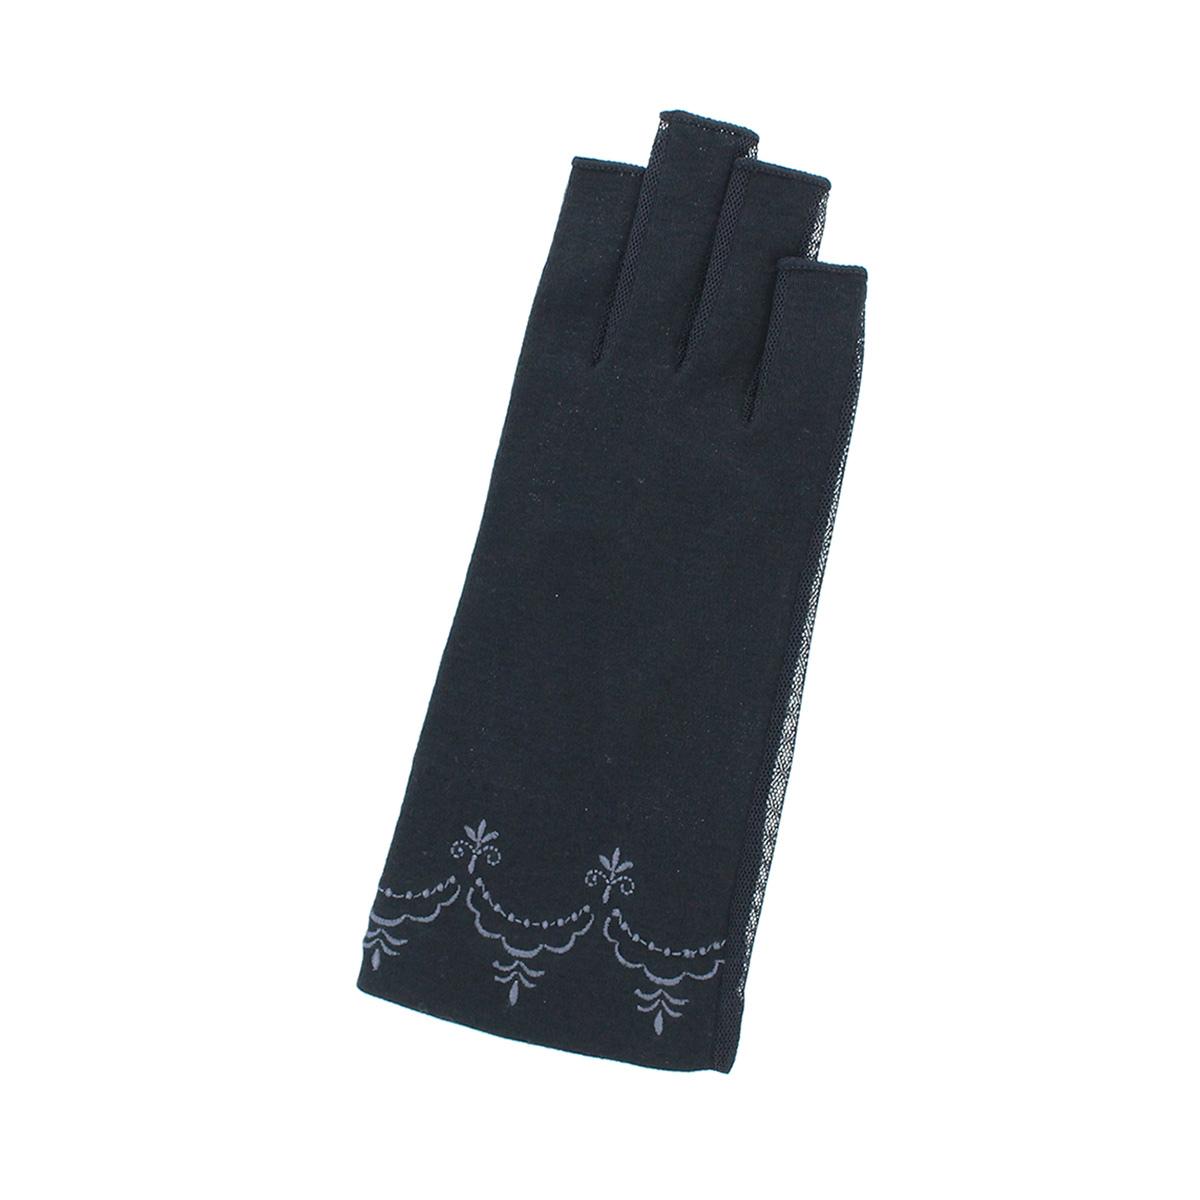 ローラアシュレイ レディース UV手袋 UVカット 紫外線対策 ショート丈 20cm 掌側メッシュ 洗える 指先カット タッチパネル スマホ対応 シンプル プレゼント 人気